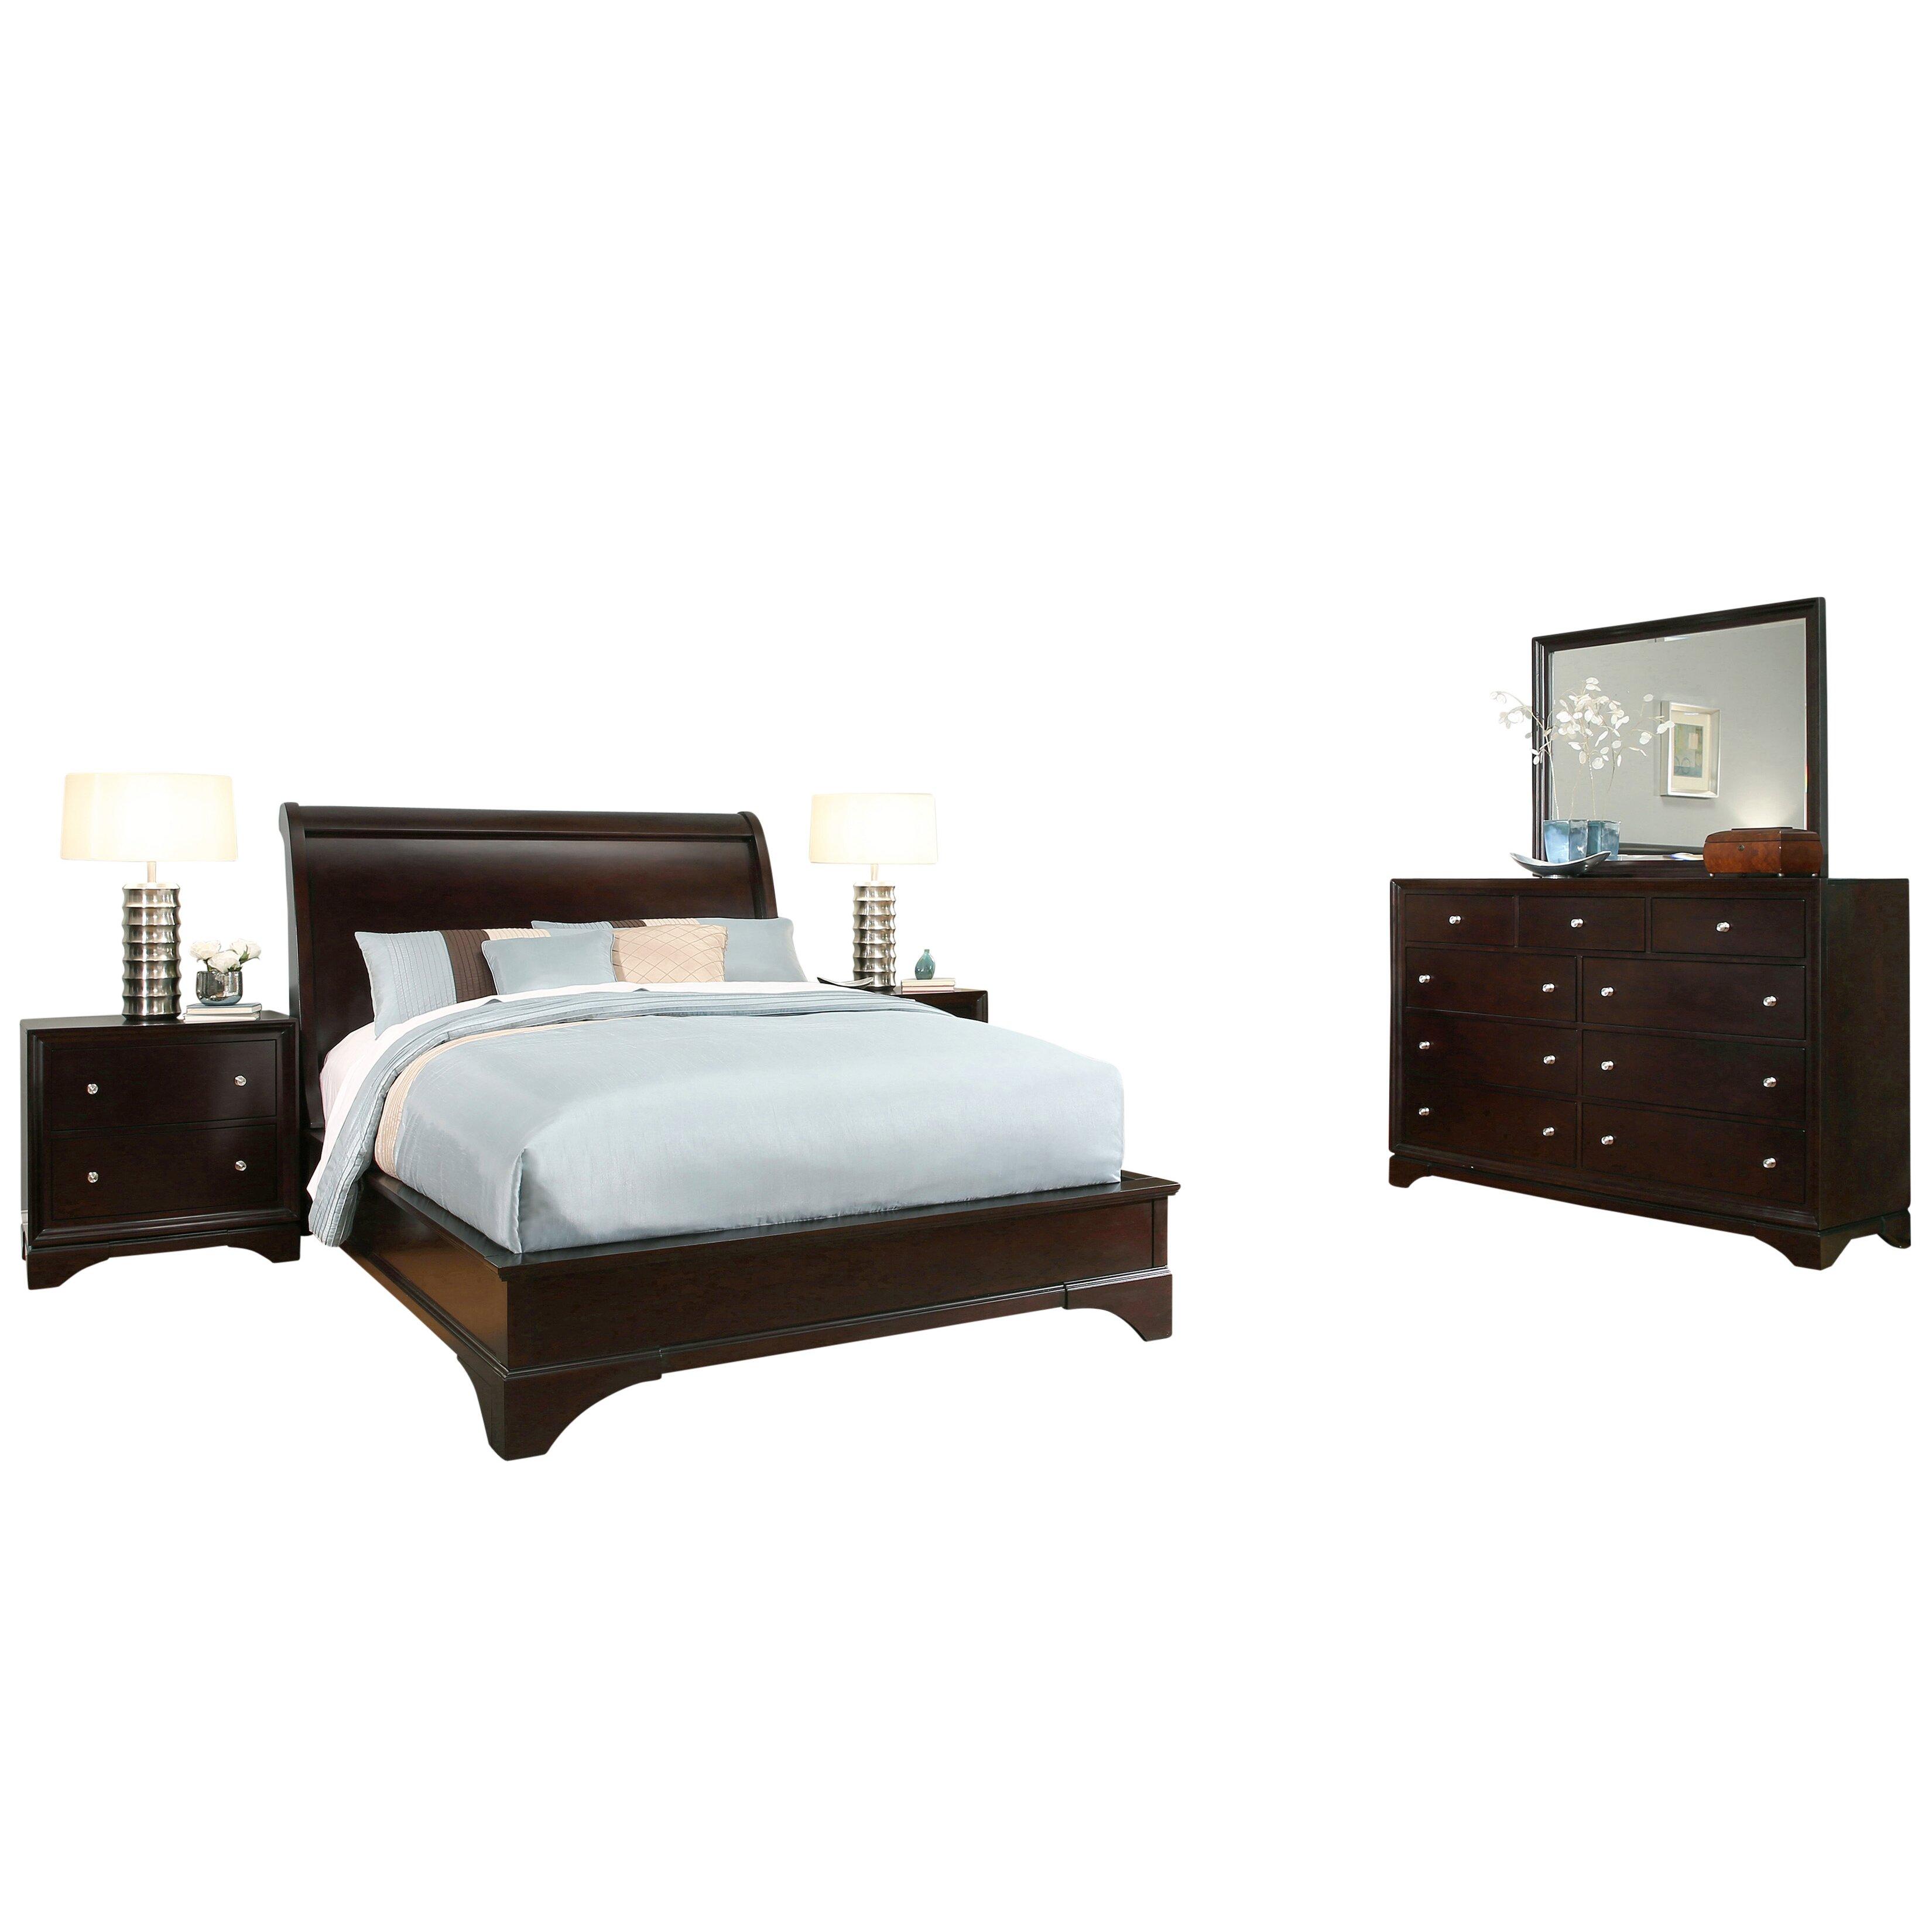 Latitude run juliana sleigh 5 piece bedroom set wayfair for Bedroom 5 piece sets